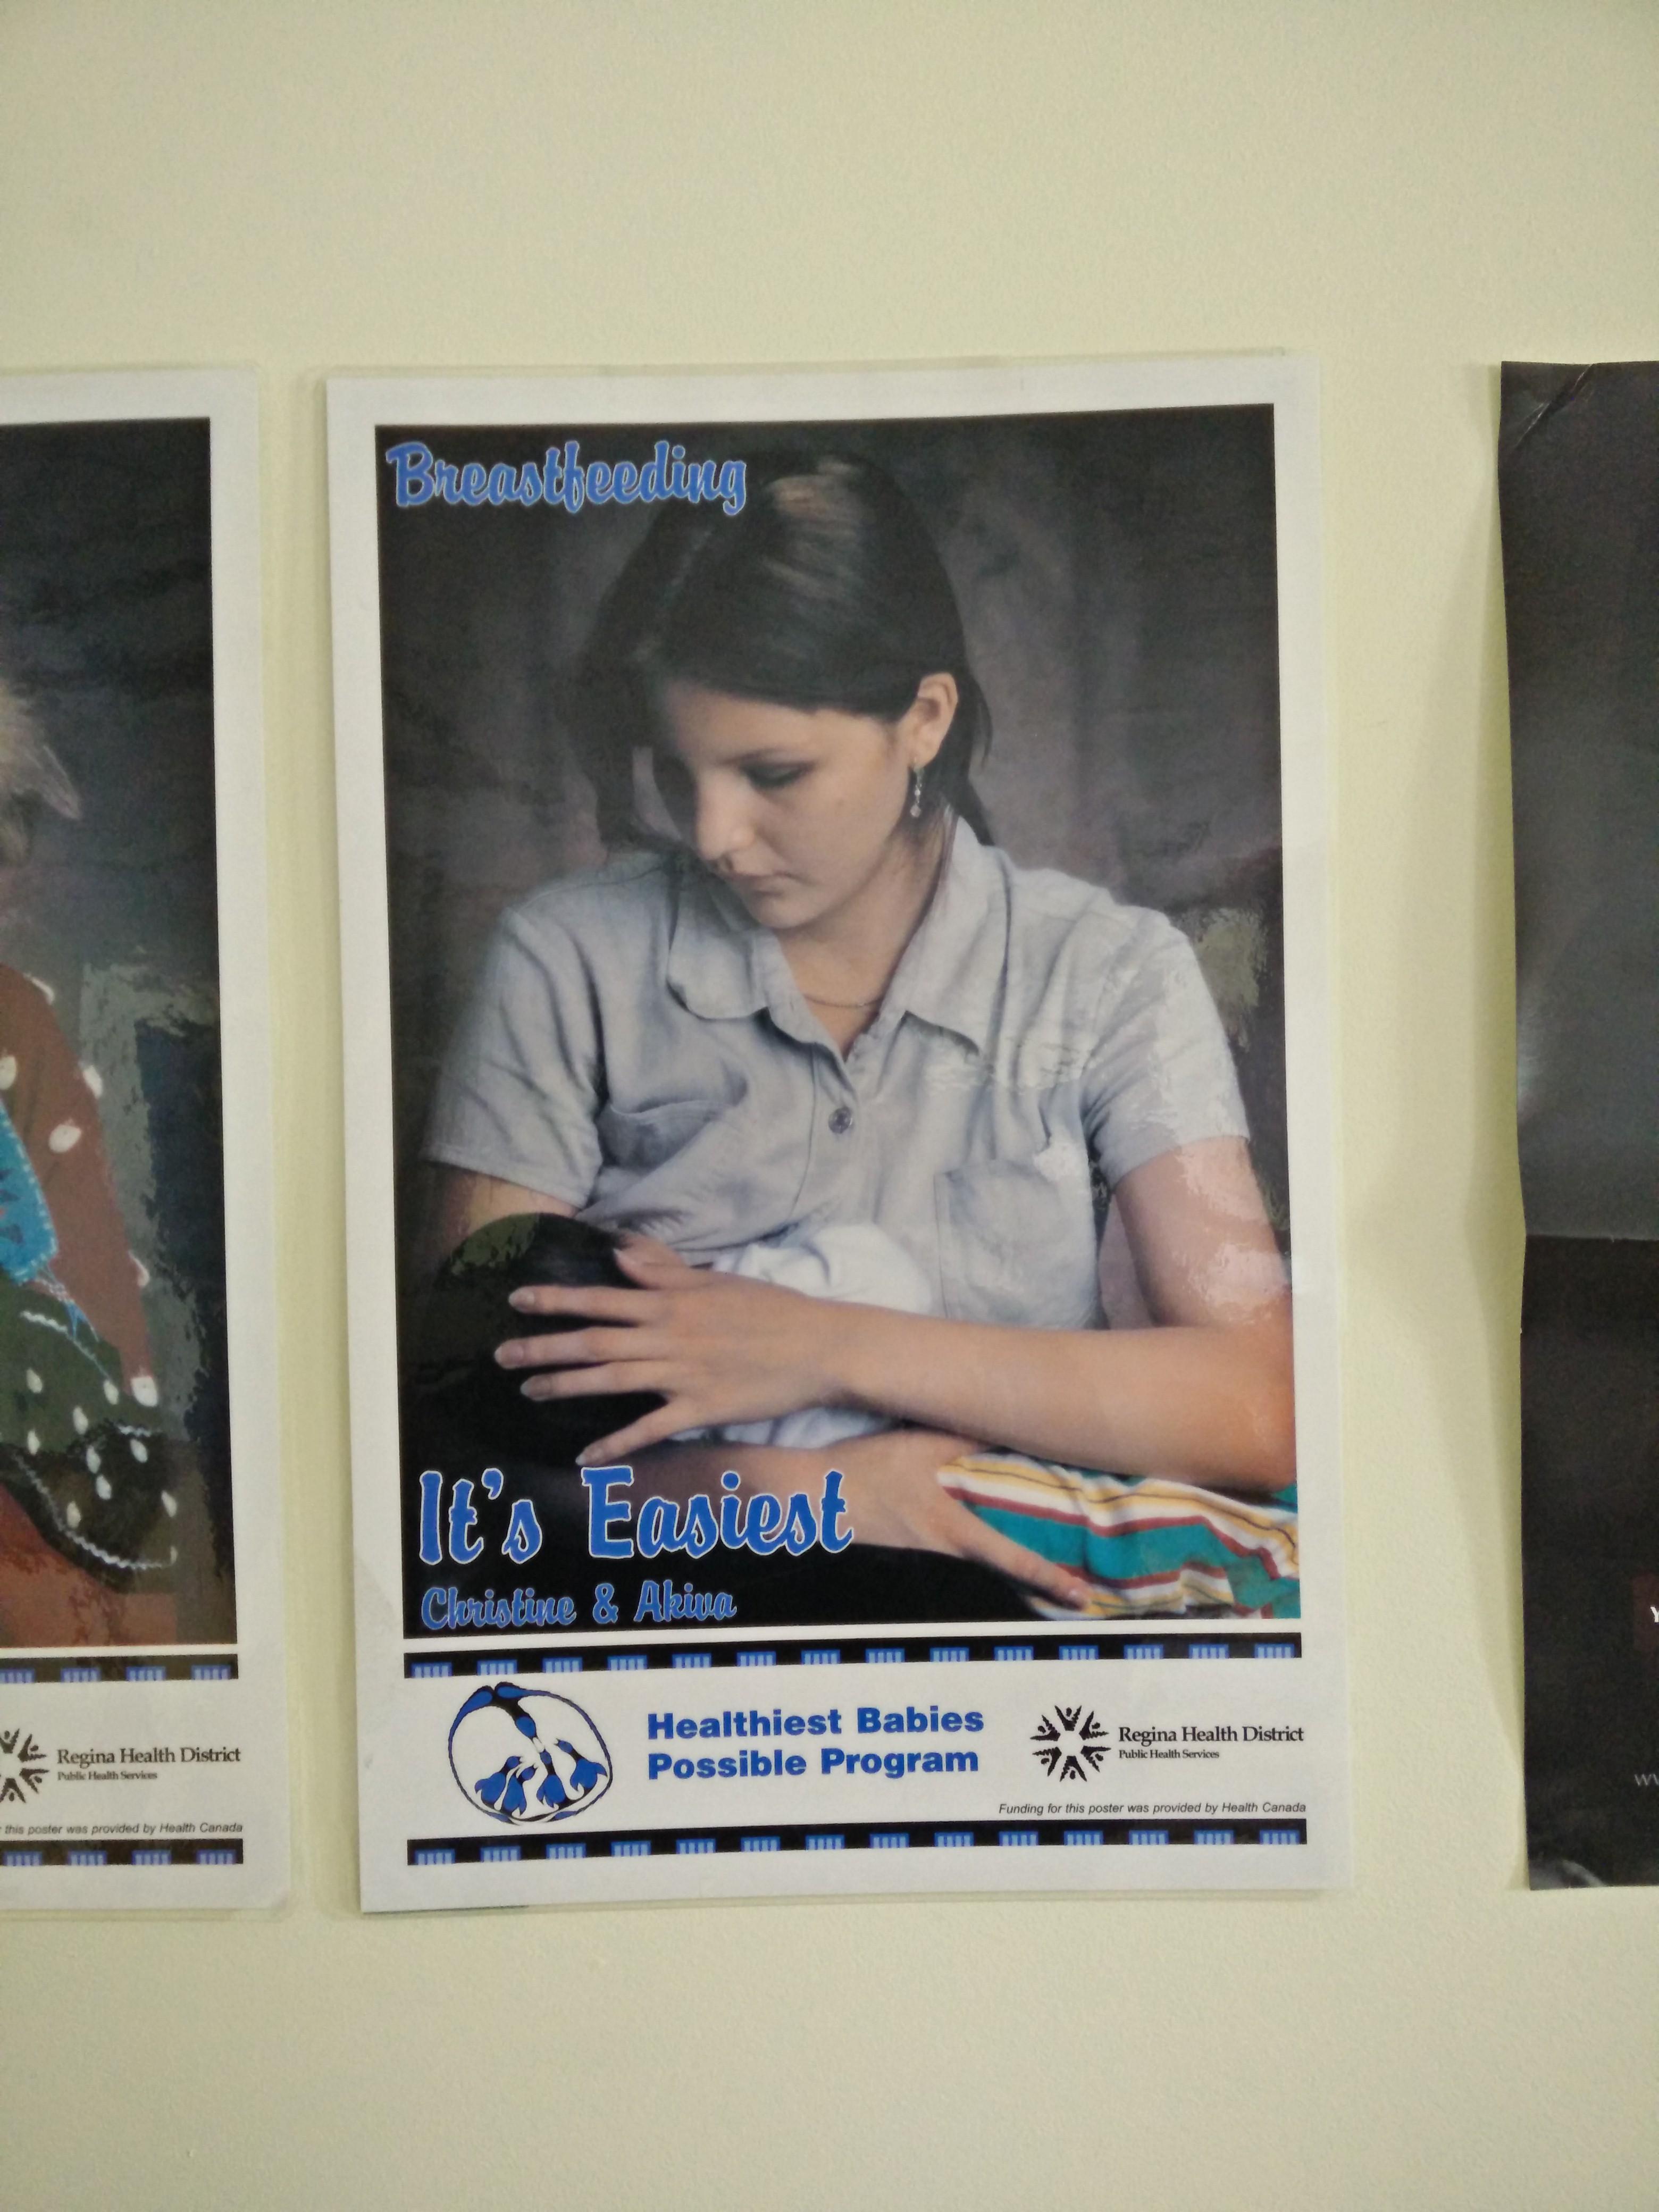 Une affiche au poste de soins infirmiers qui fait la promotion de bons soins maternels